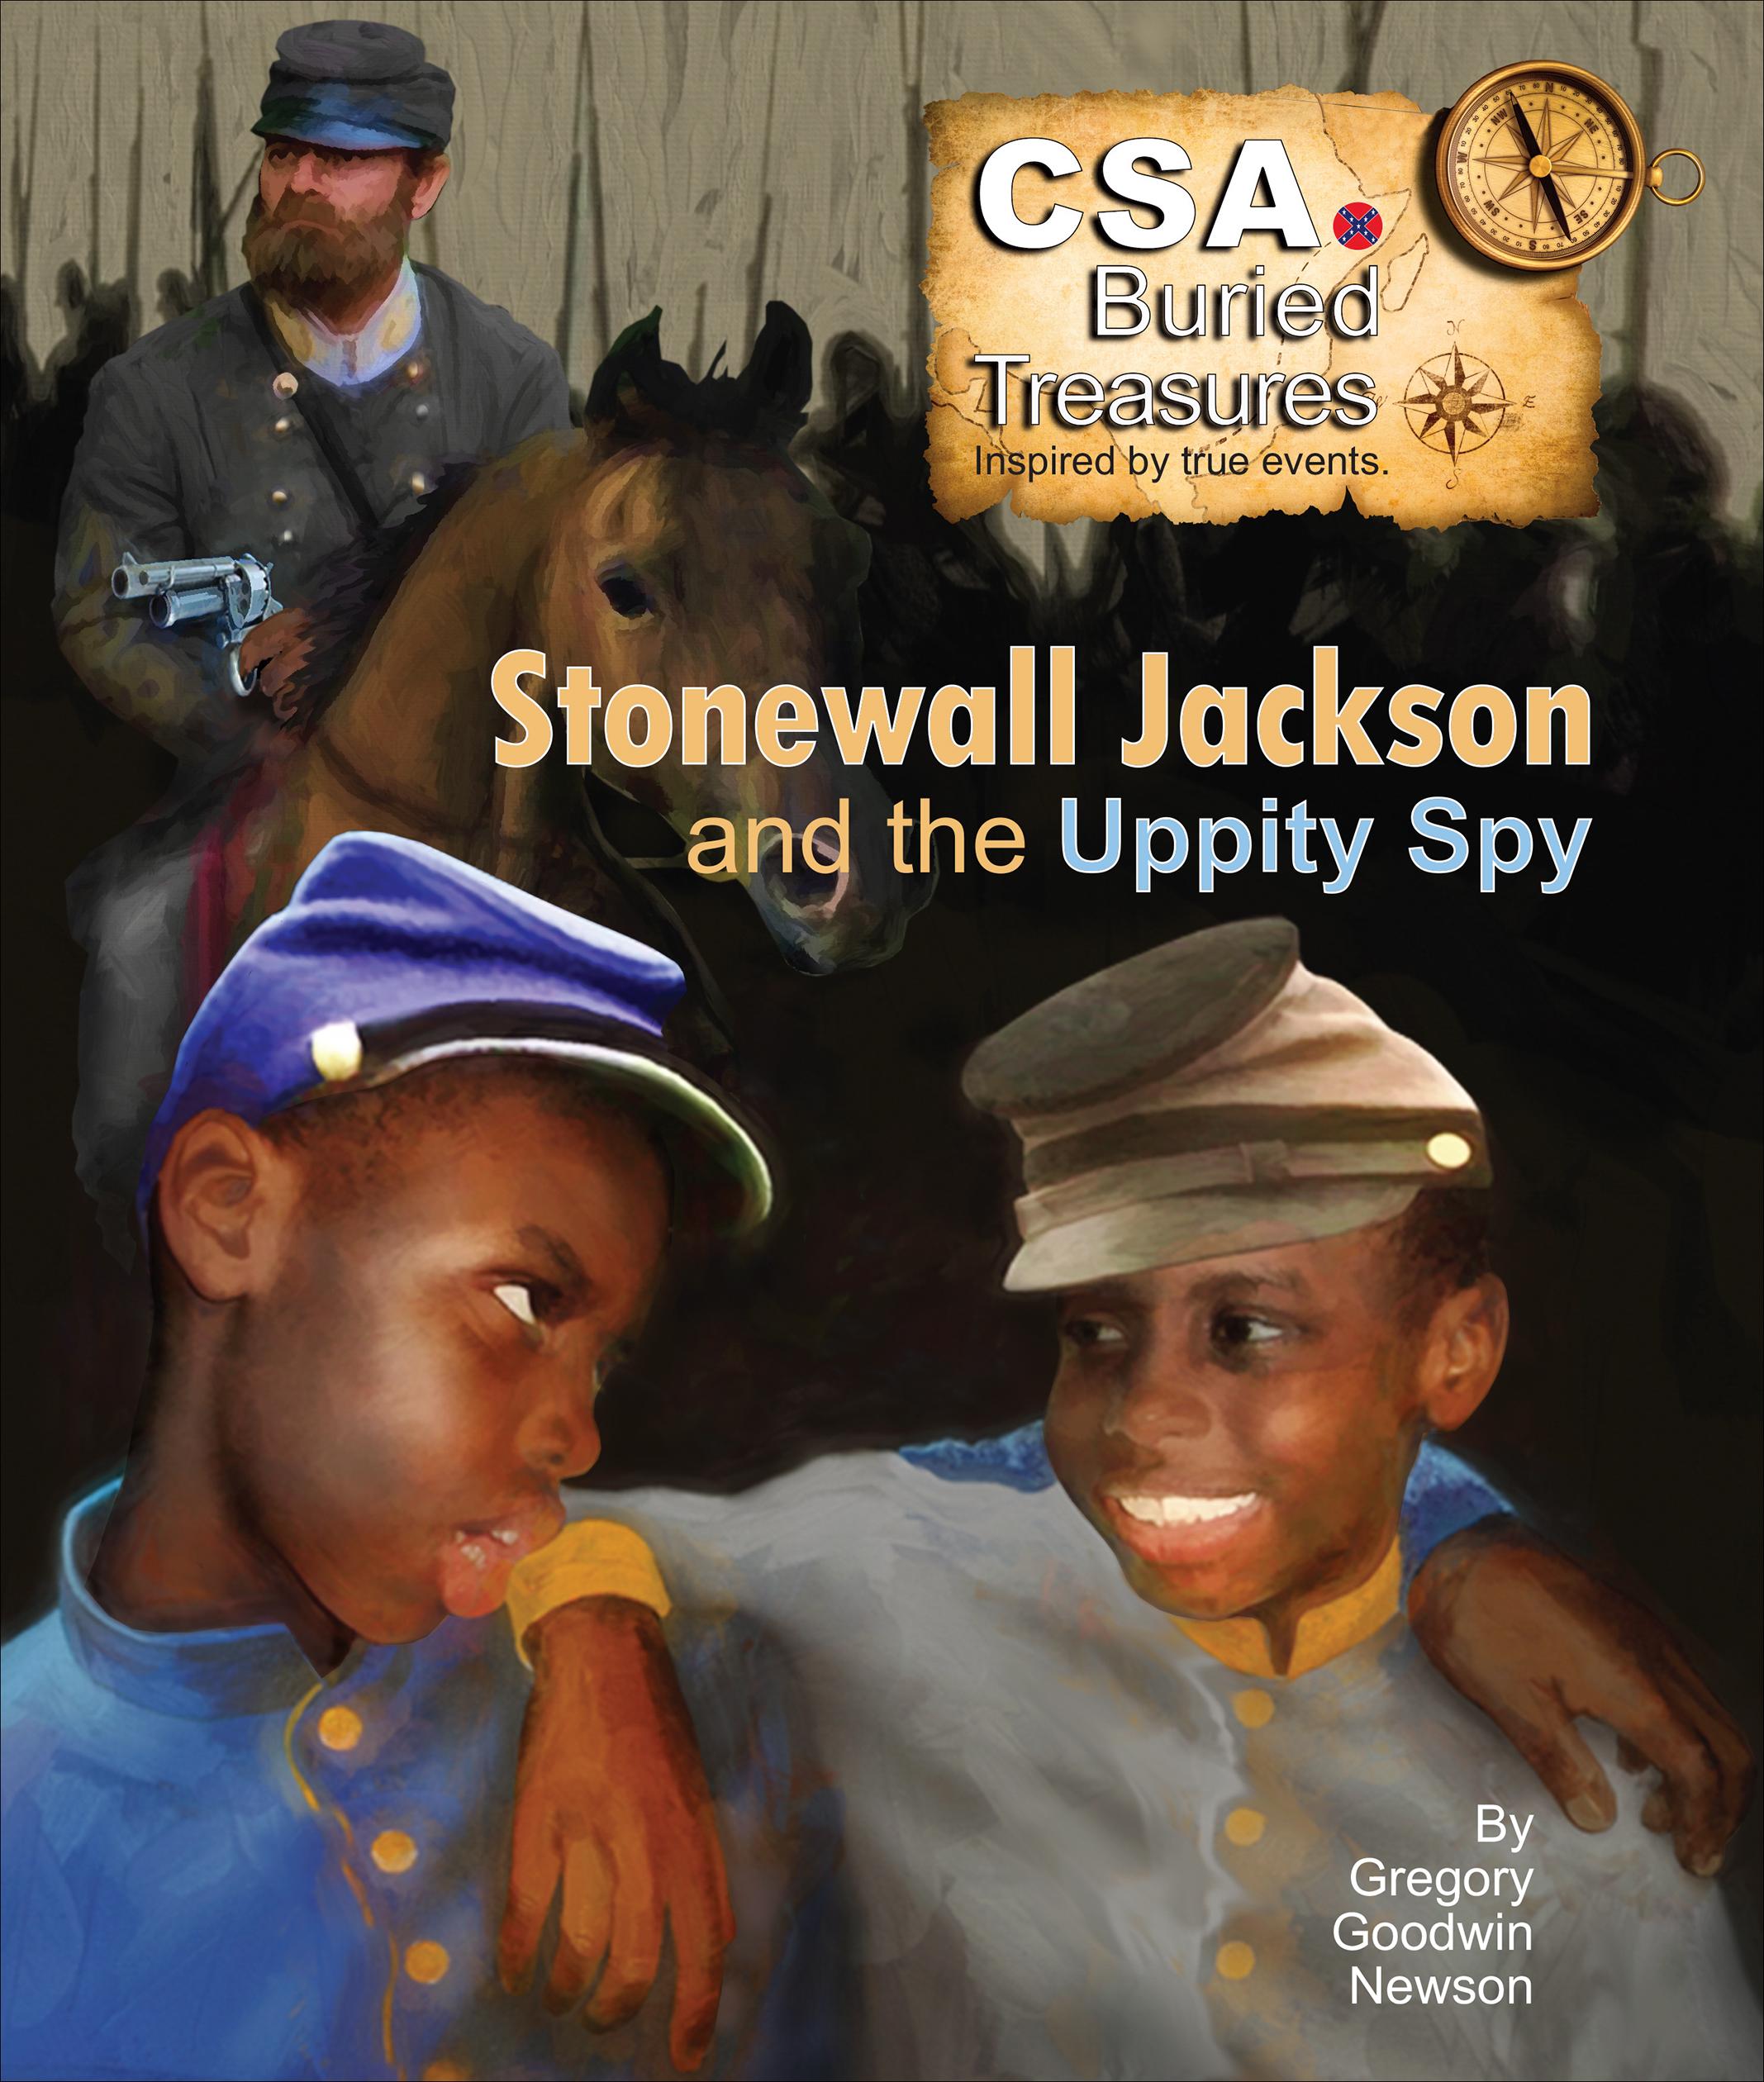 Stonewall Jackson and the Uppity Spy